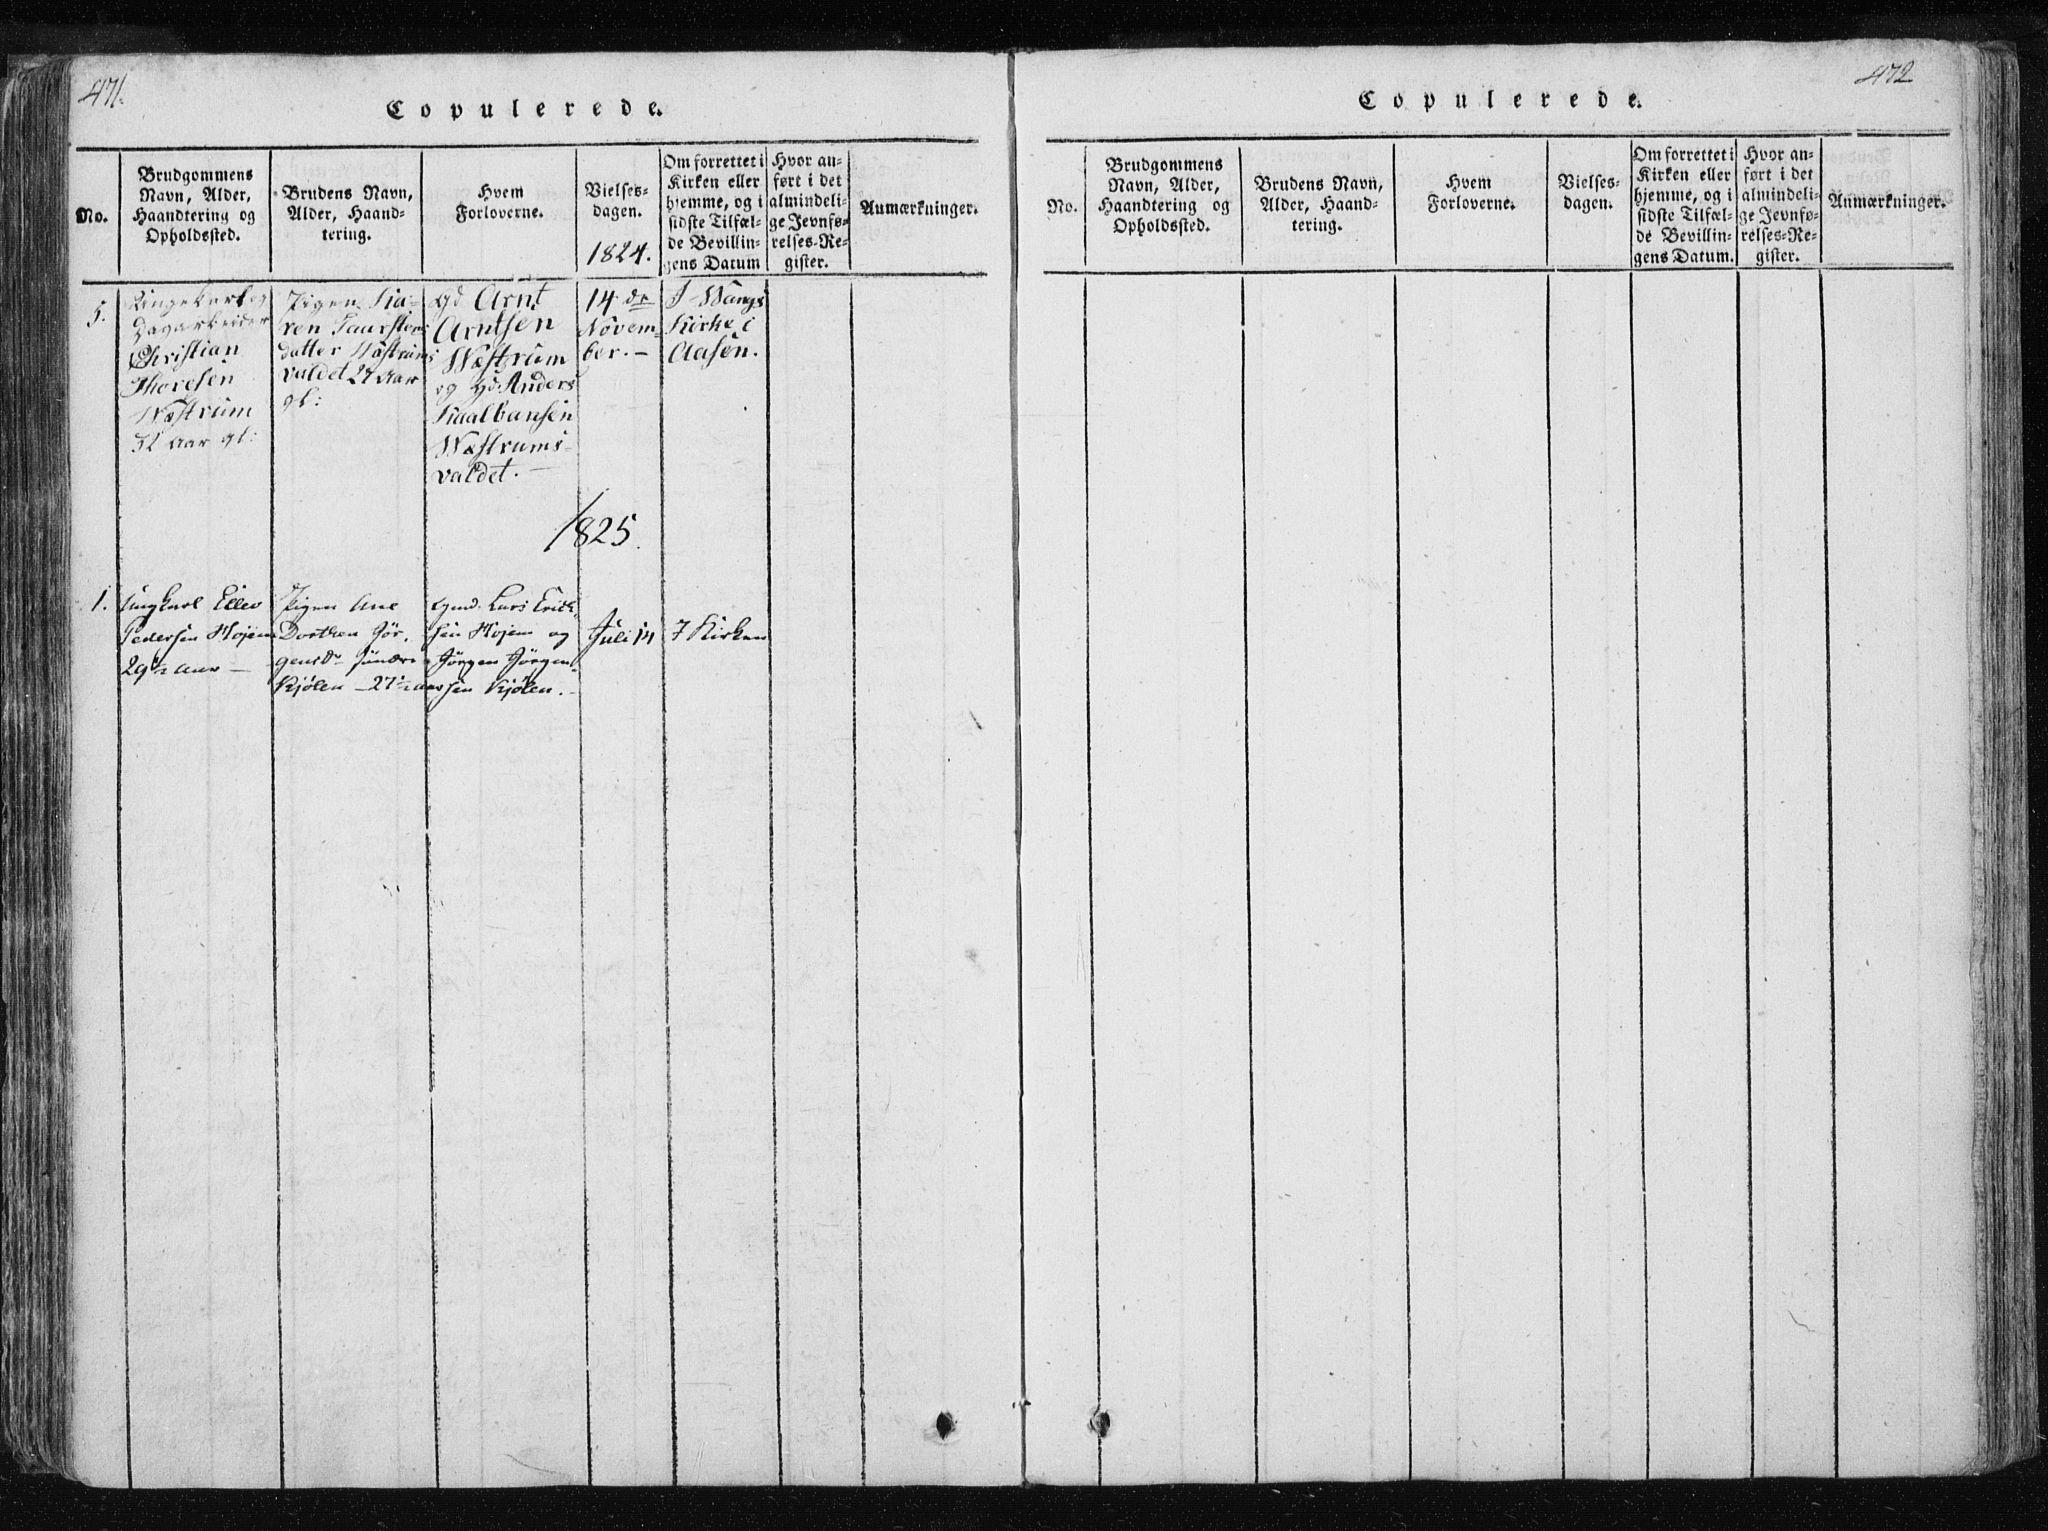 SAT, Ministerialprotokoller, klokkerbøker og fødselsregistre - Nord-Trøndelag, 717/L0148: Ministerialbok nr. 717A04 /3, 1816-1825, s. 471-472